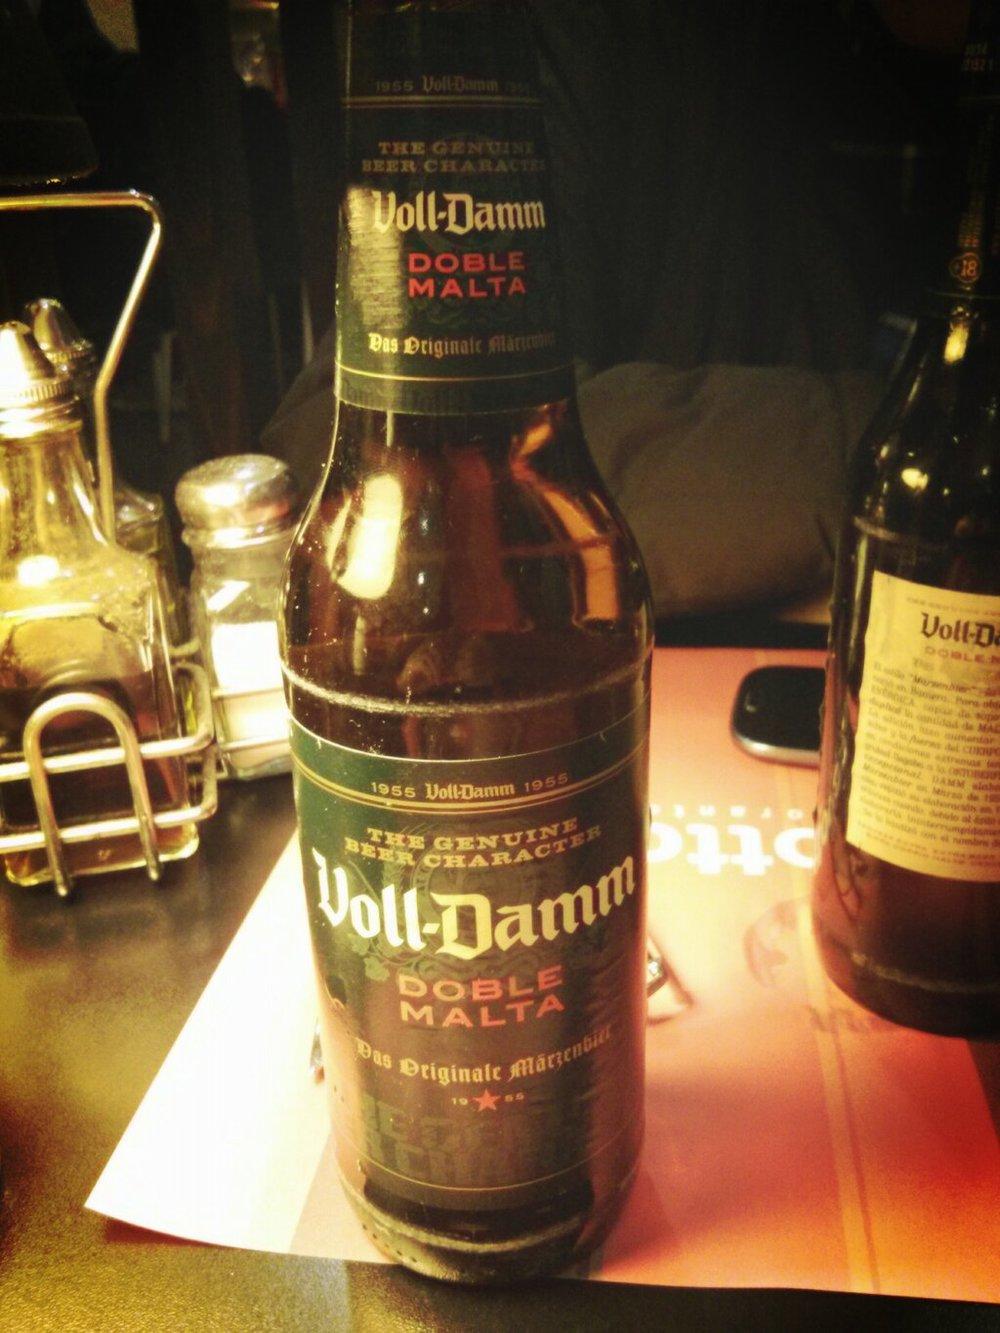 Voll-Damm Doble Malta vía @Robflorivera en Twitter